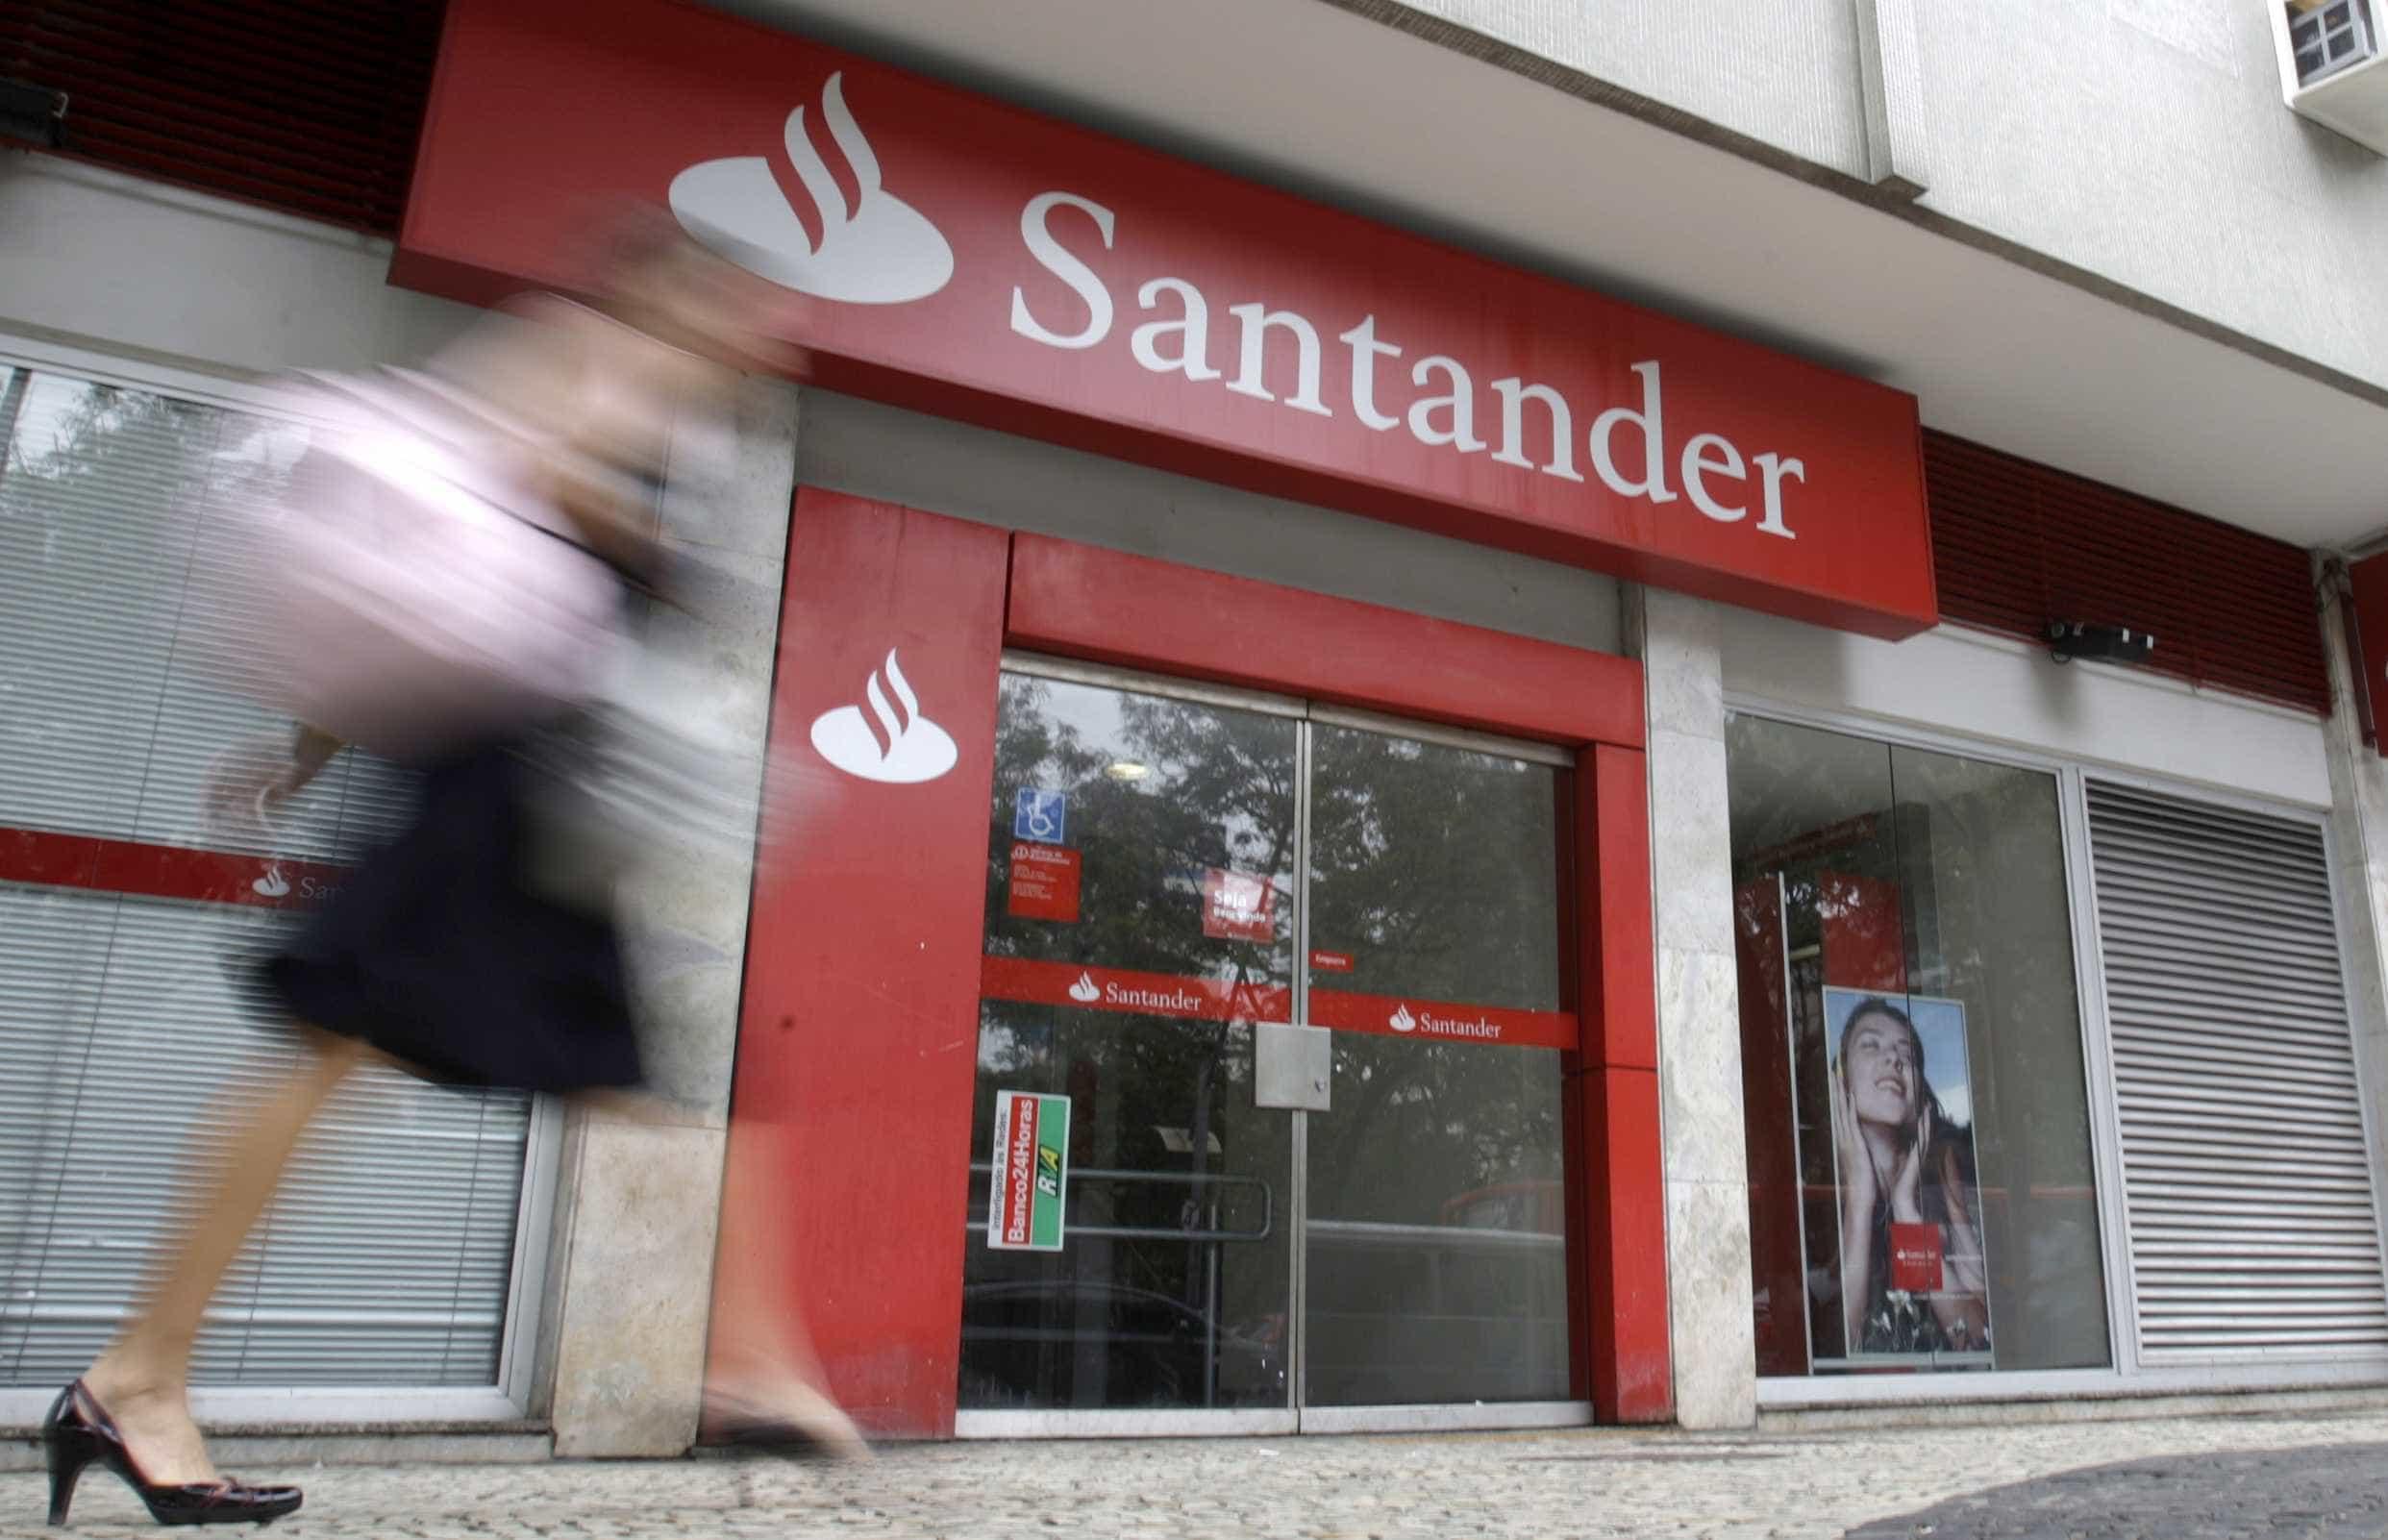 Quadrilha explode banco e ataca viatura da PM em Araçariguama